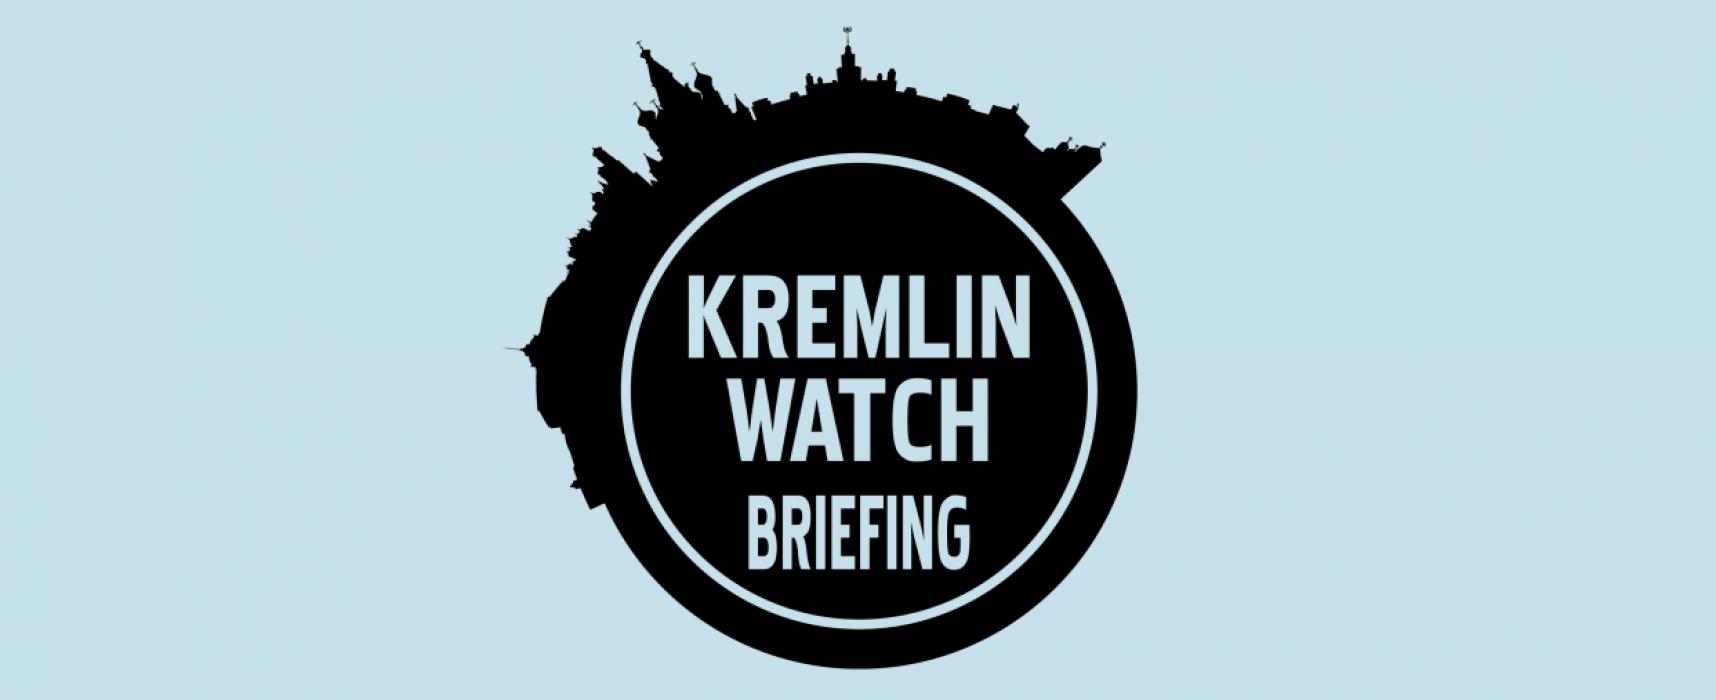 Kremlin Watch Briefing: The Huawei Hustle